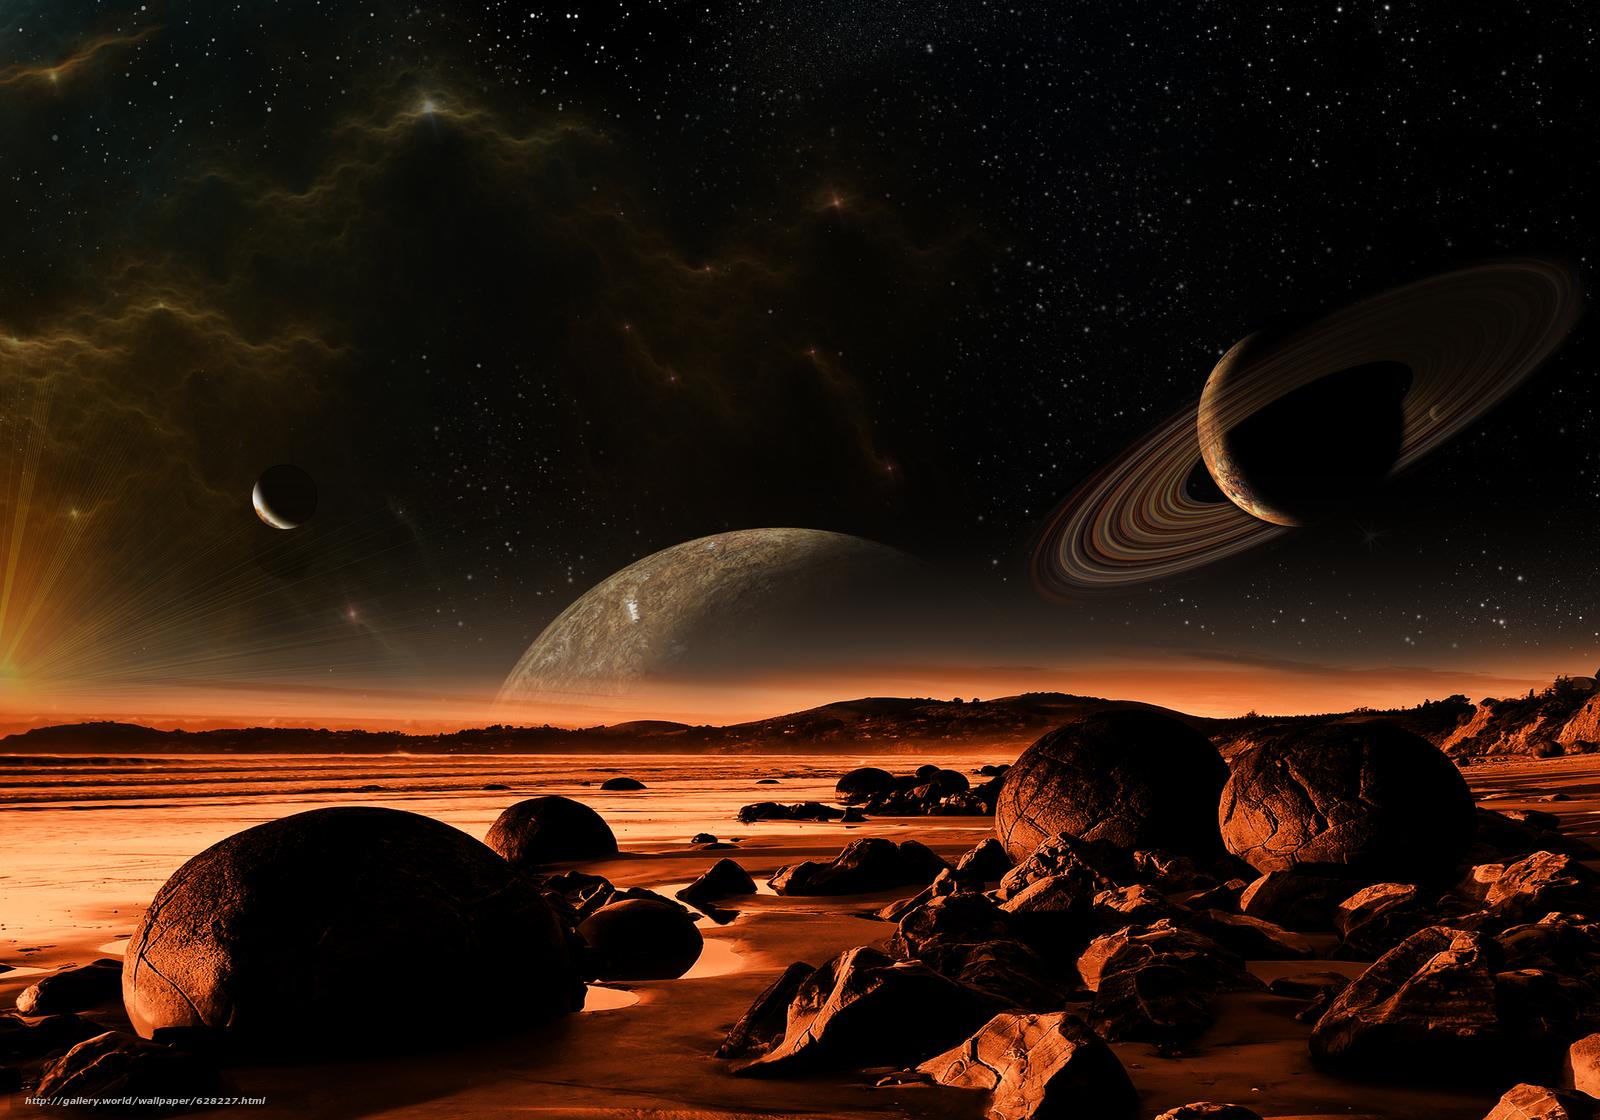 Скачать на телефон обои фото картинку на тему космос, 3d, art, разширение 5000x3500